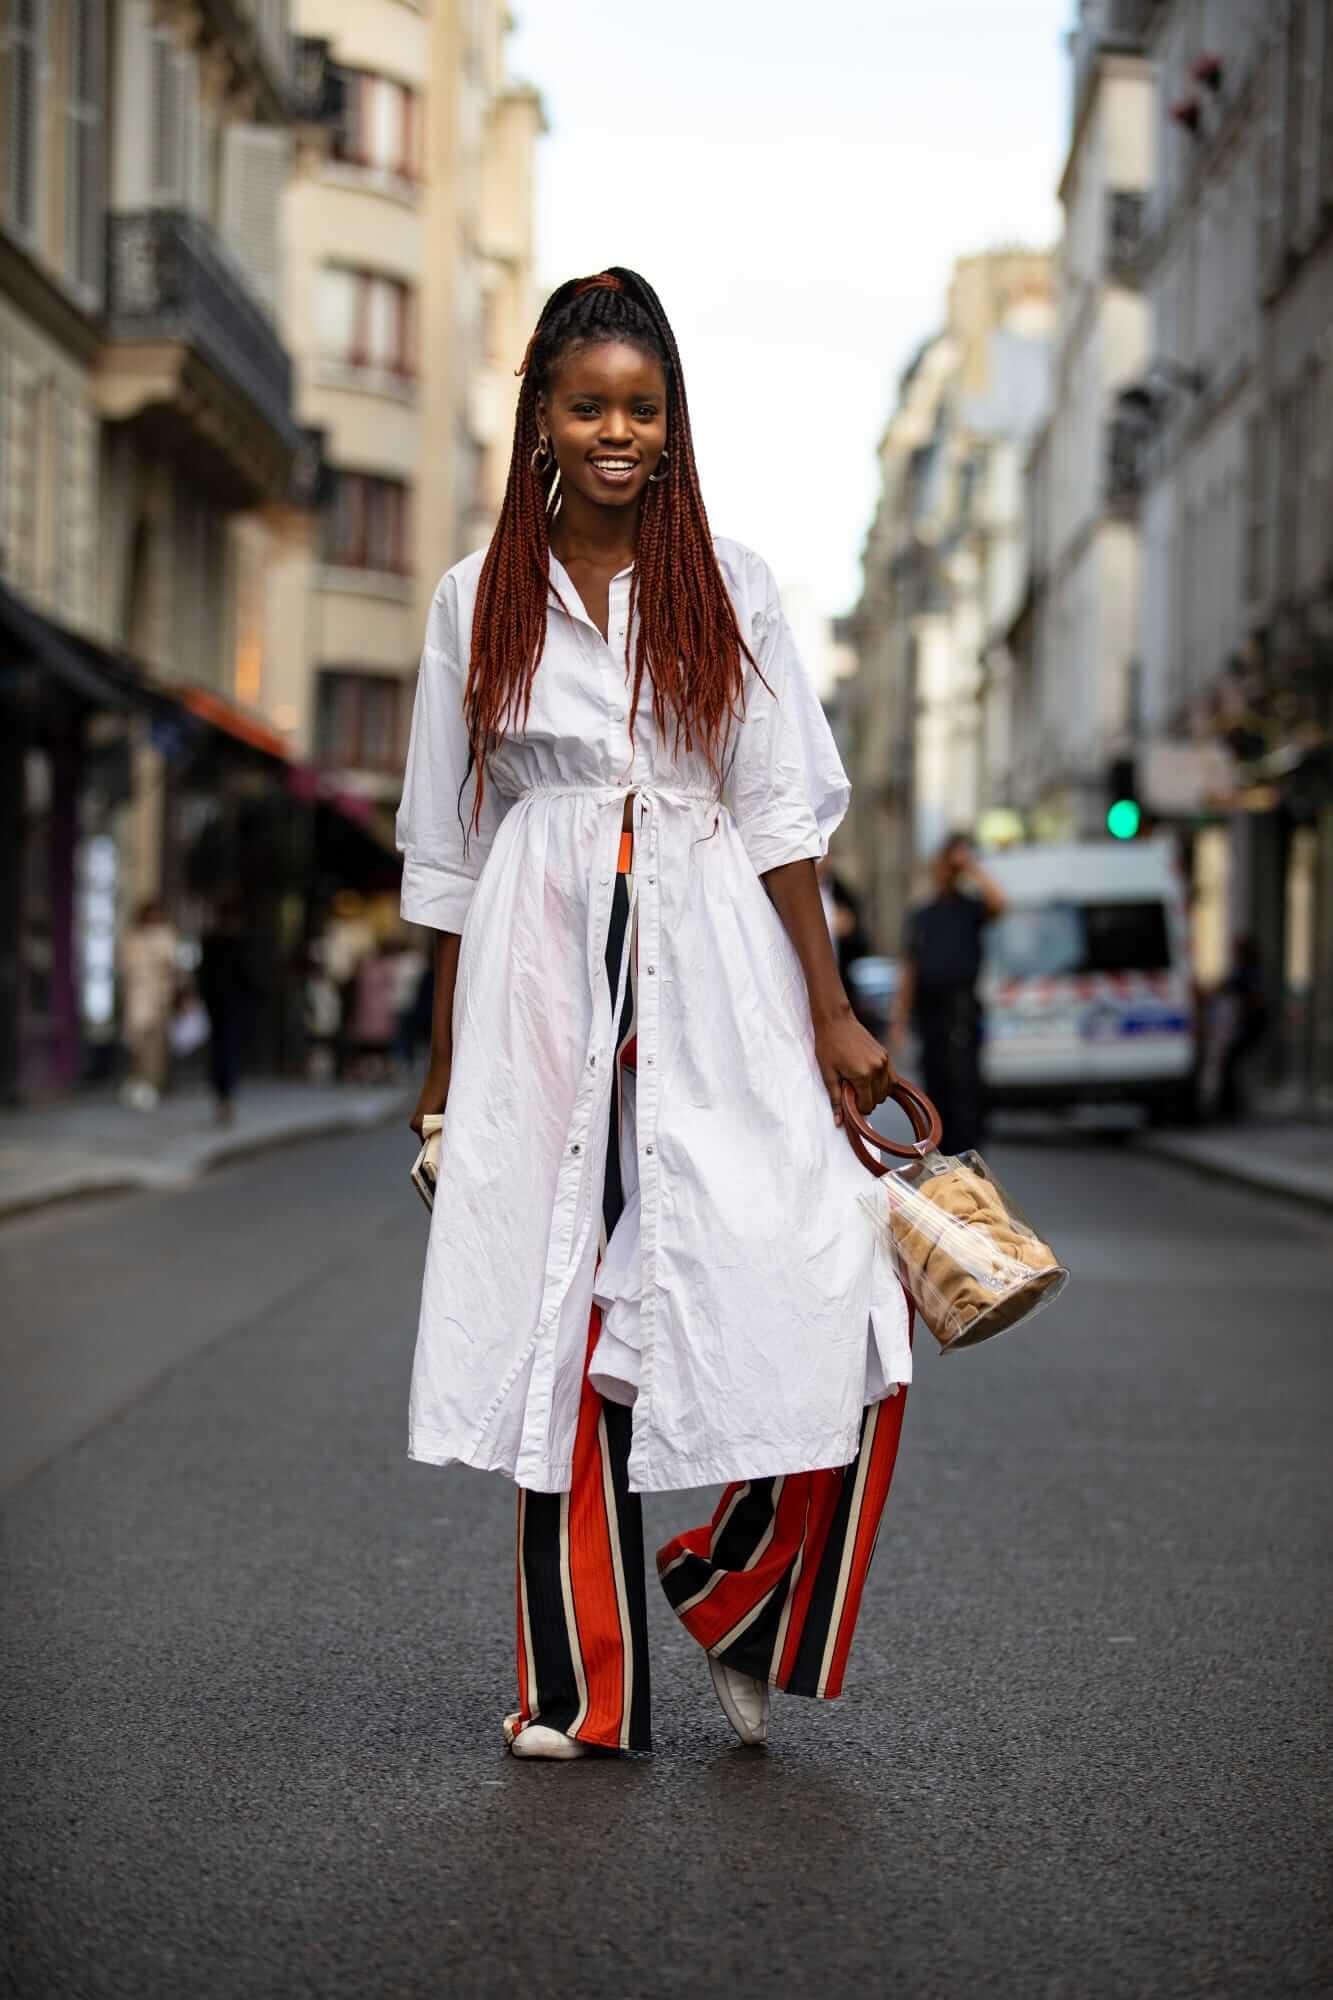 paris-fashion-week-spring-2019-street-style-day-1-25